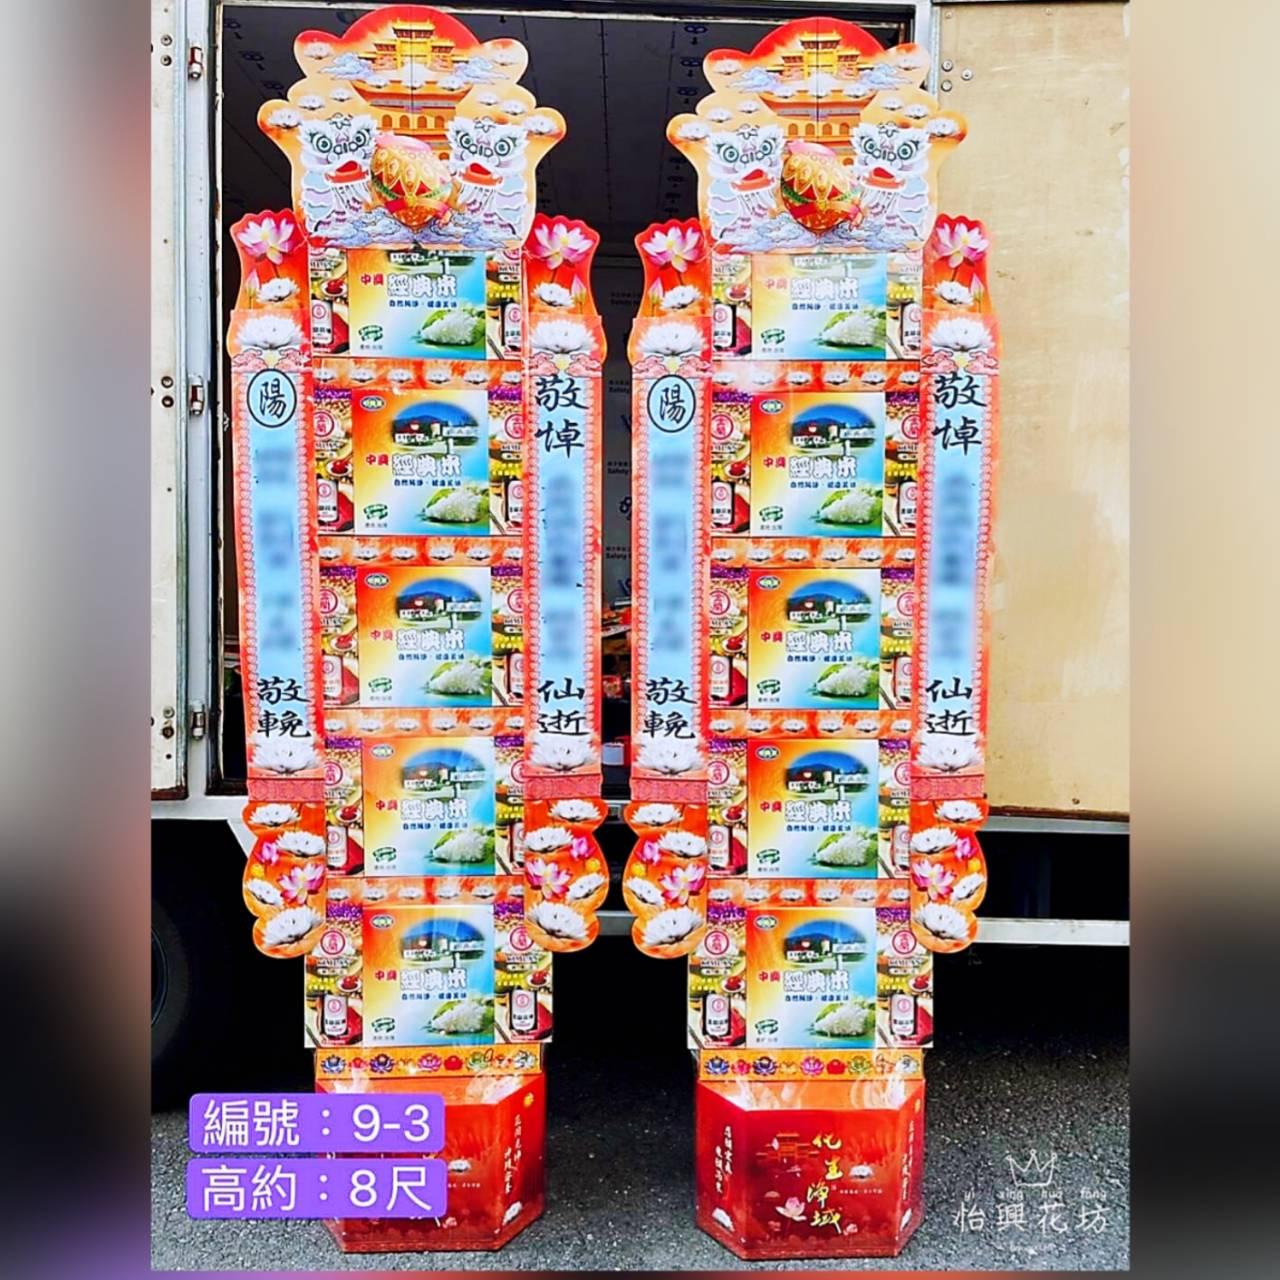 8尺中興米罐頭塔